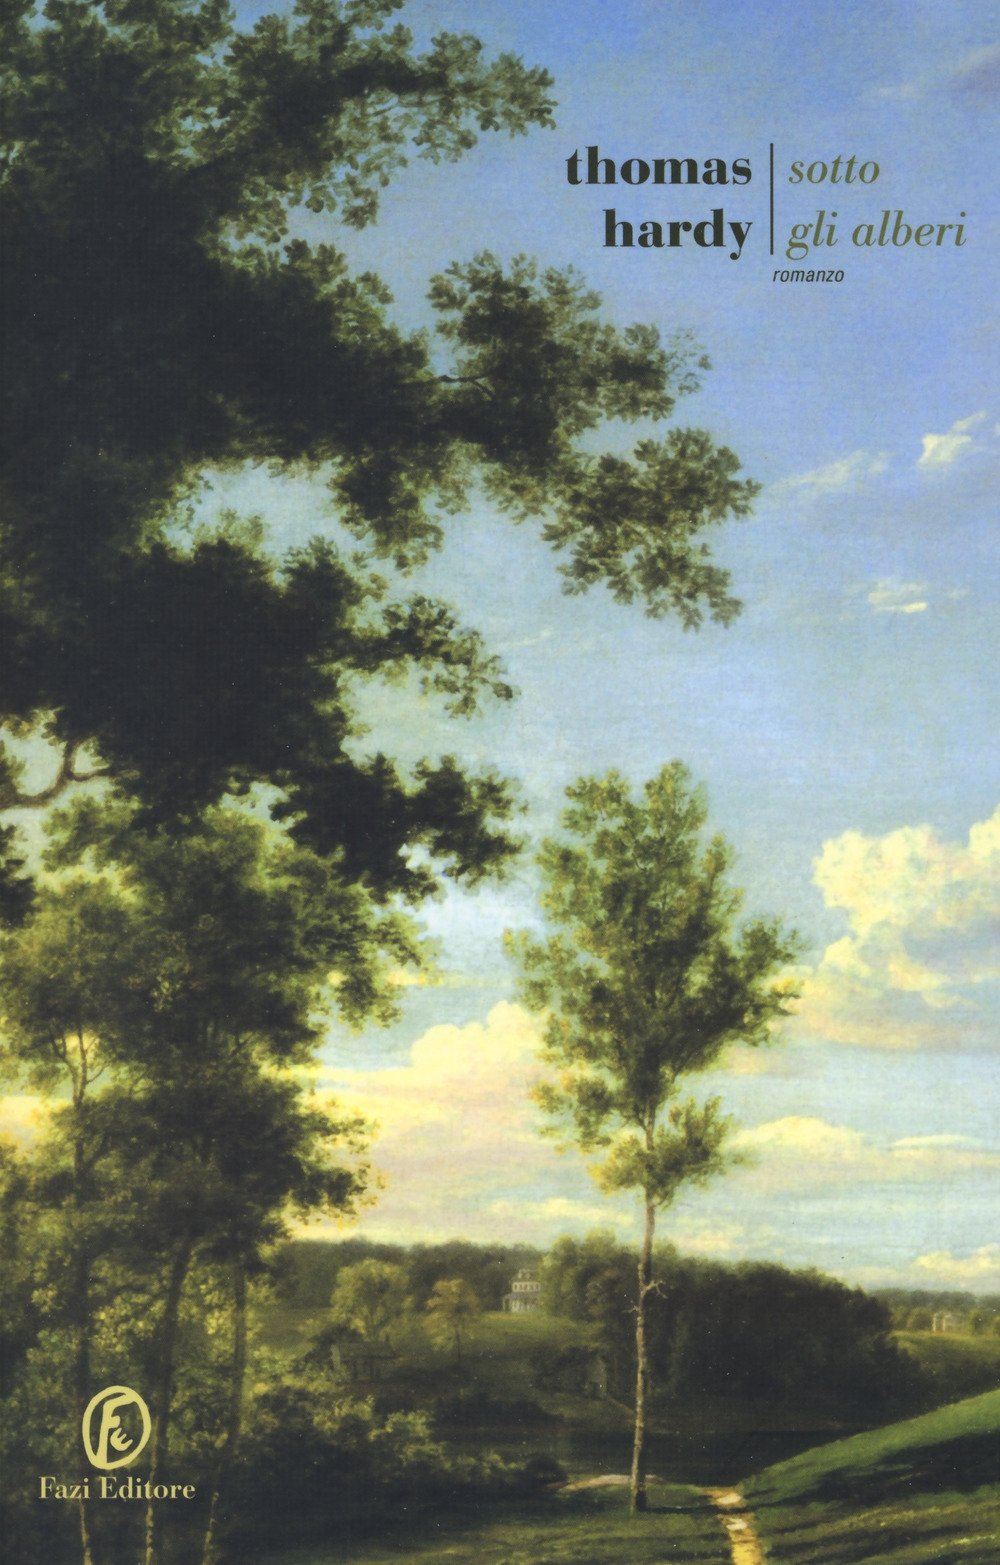 Invito alla lettura: Sotto gli alberi, di Thomas Hardy